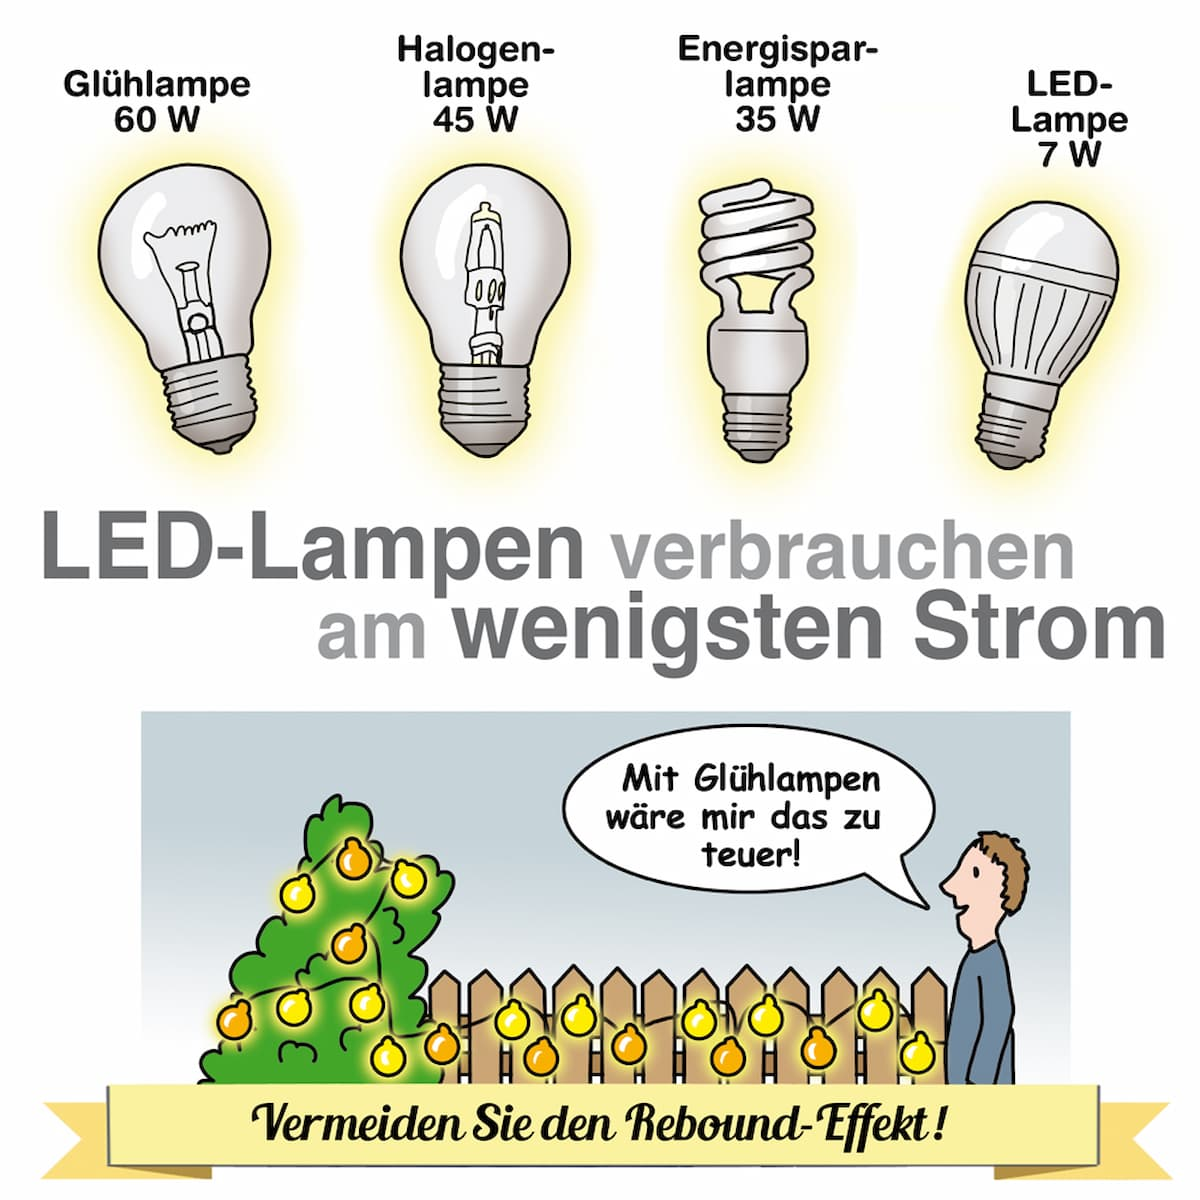 LED-Lampen verbrauchen wenig Strom